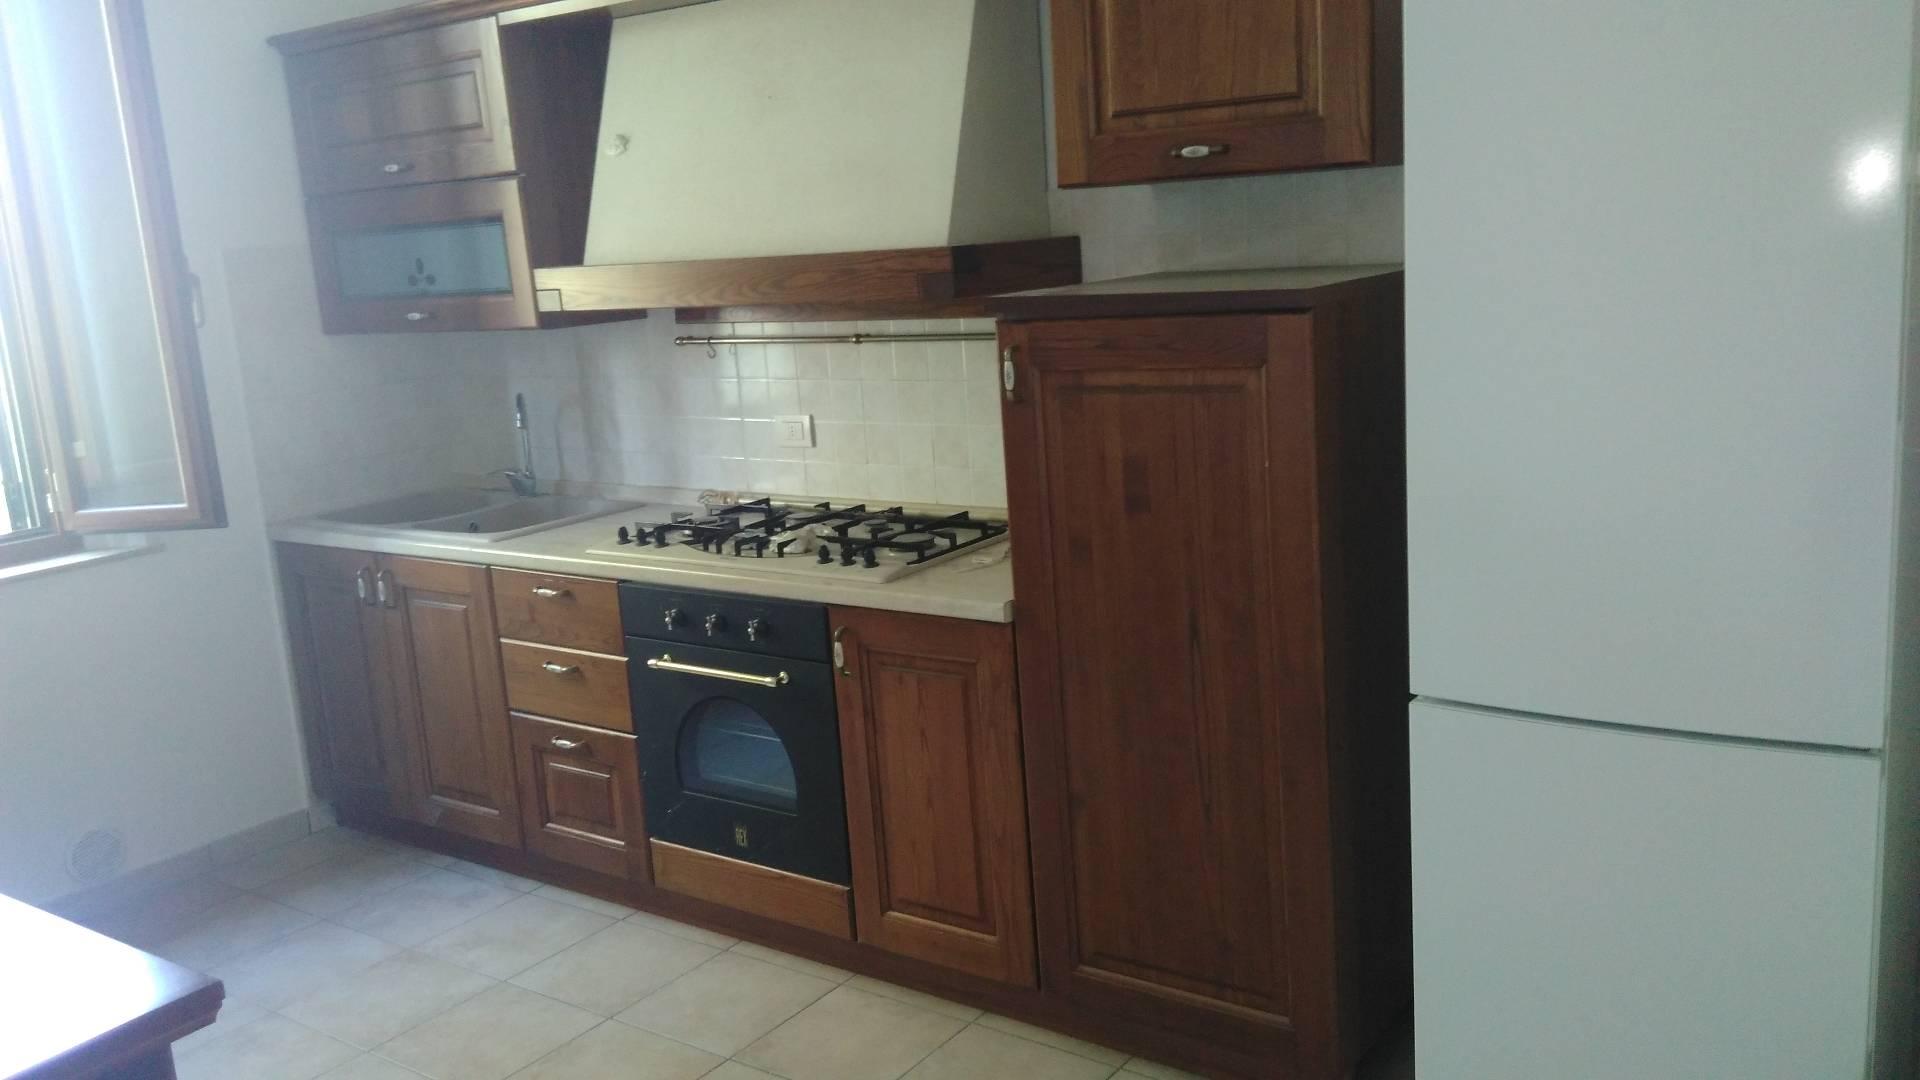 Soluzione Indipendente in affitto a Castelfiorentino, 3 locali, prezzo € 500 | CambioCasa.it